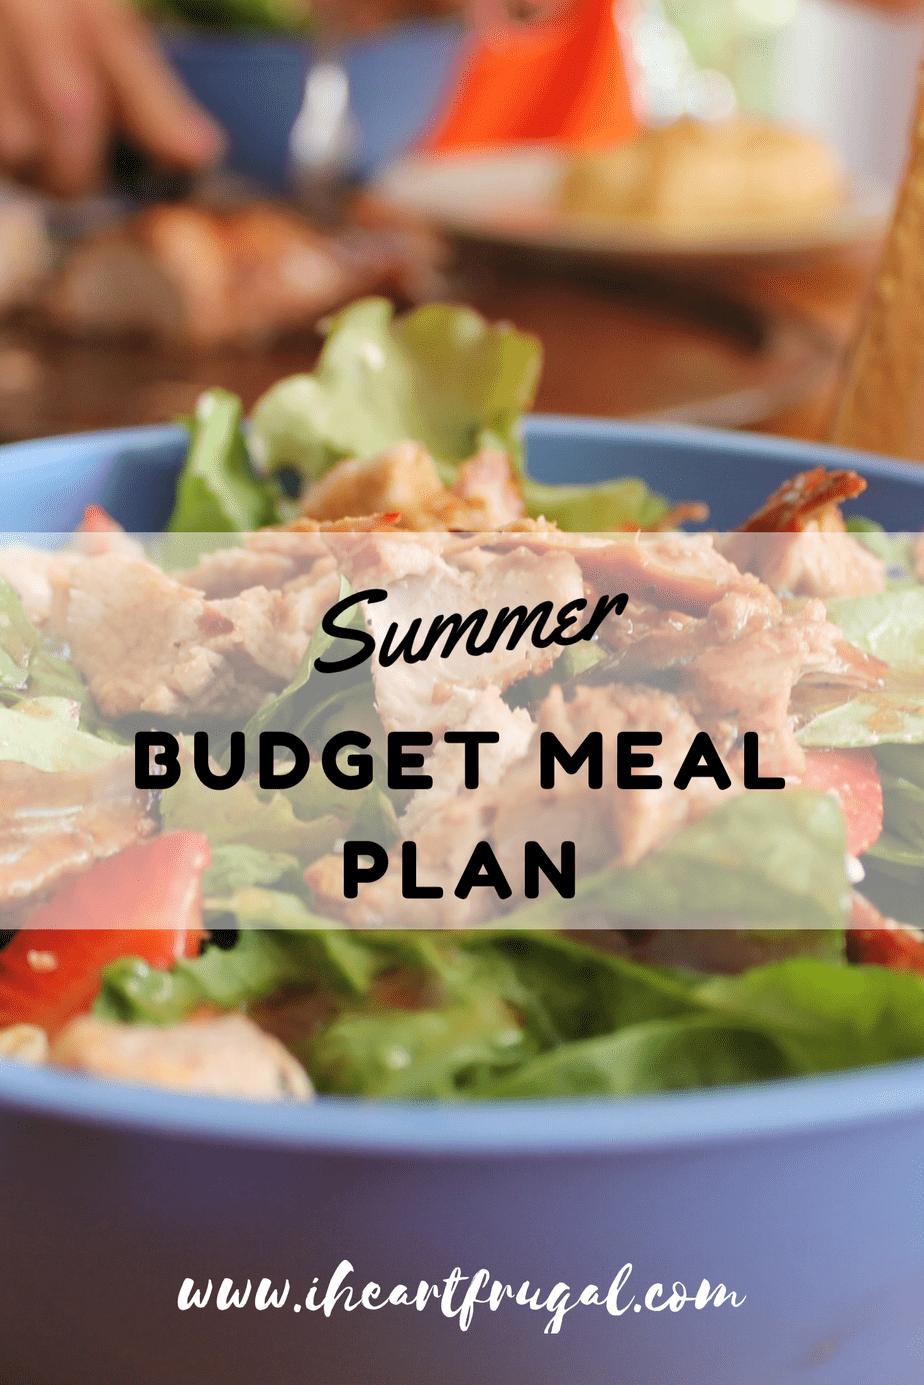 Summer Budget Meal Plan